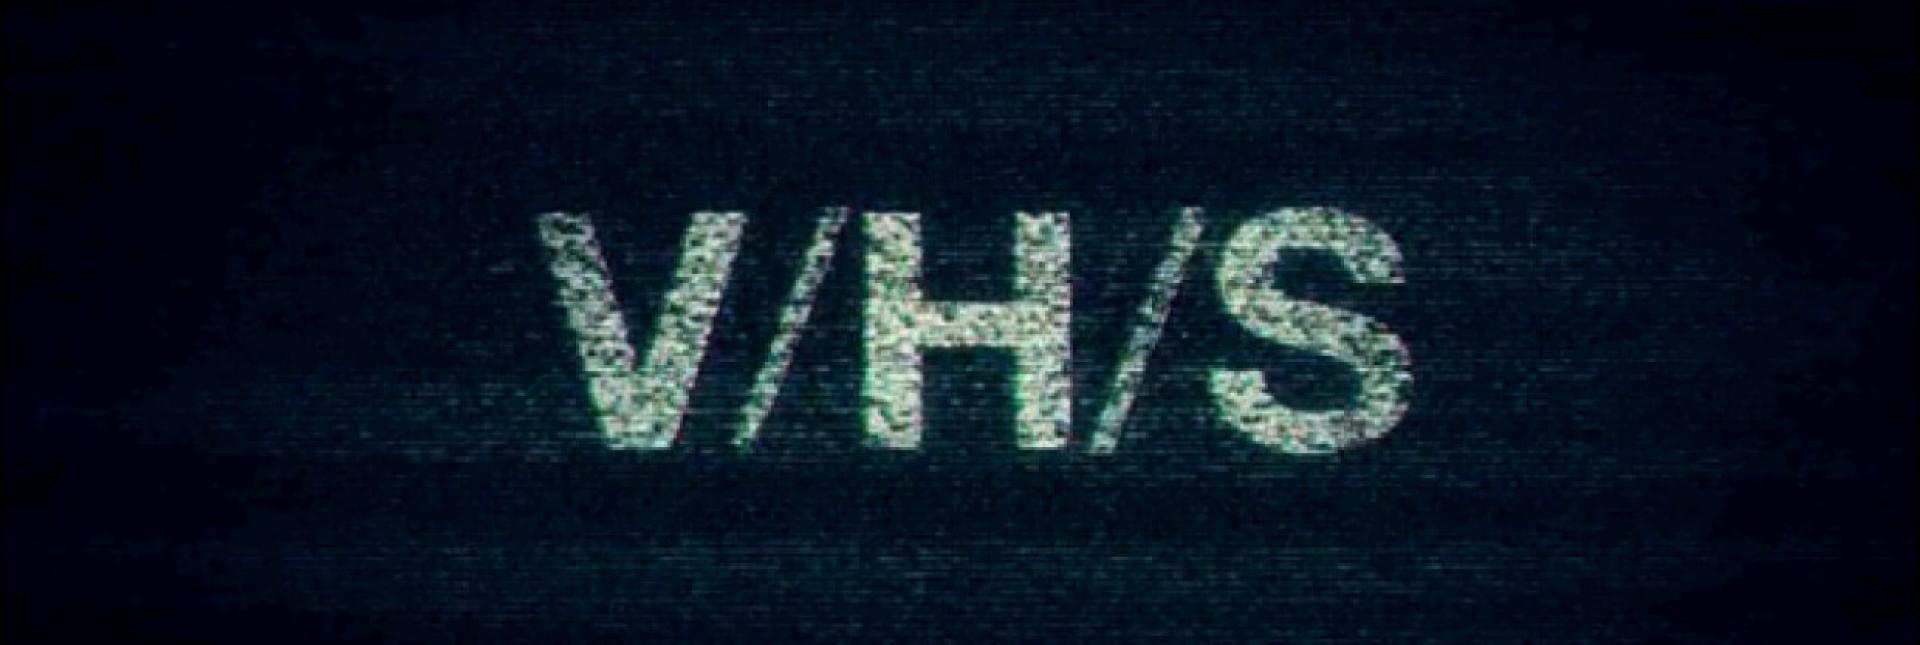 V/H/S-trilógia (2012/2013/2014)